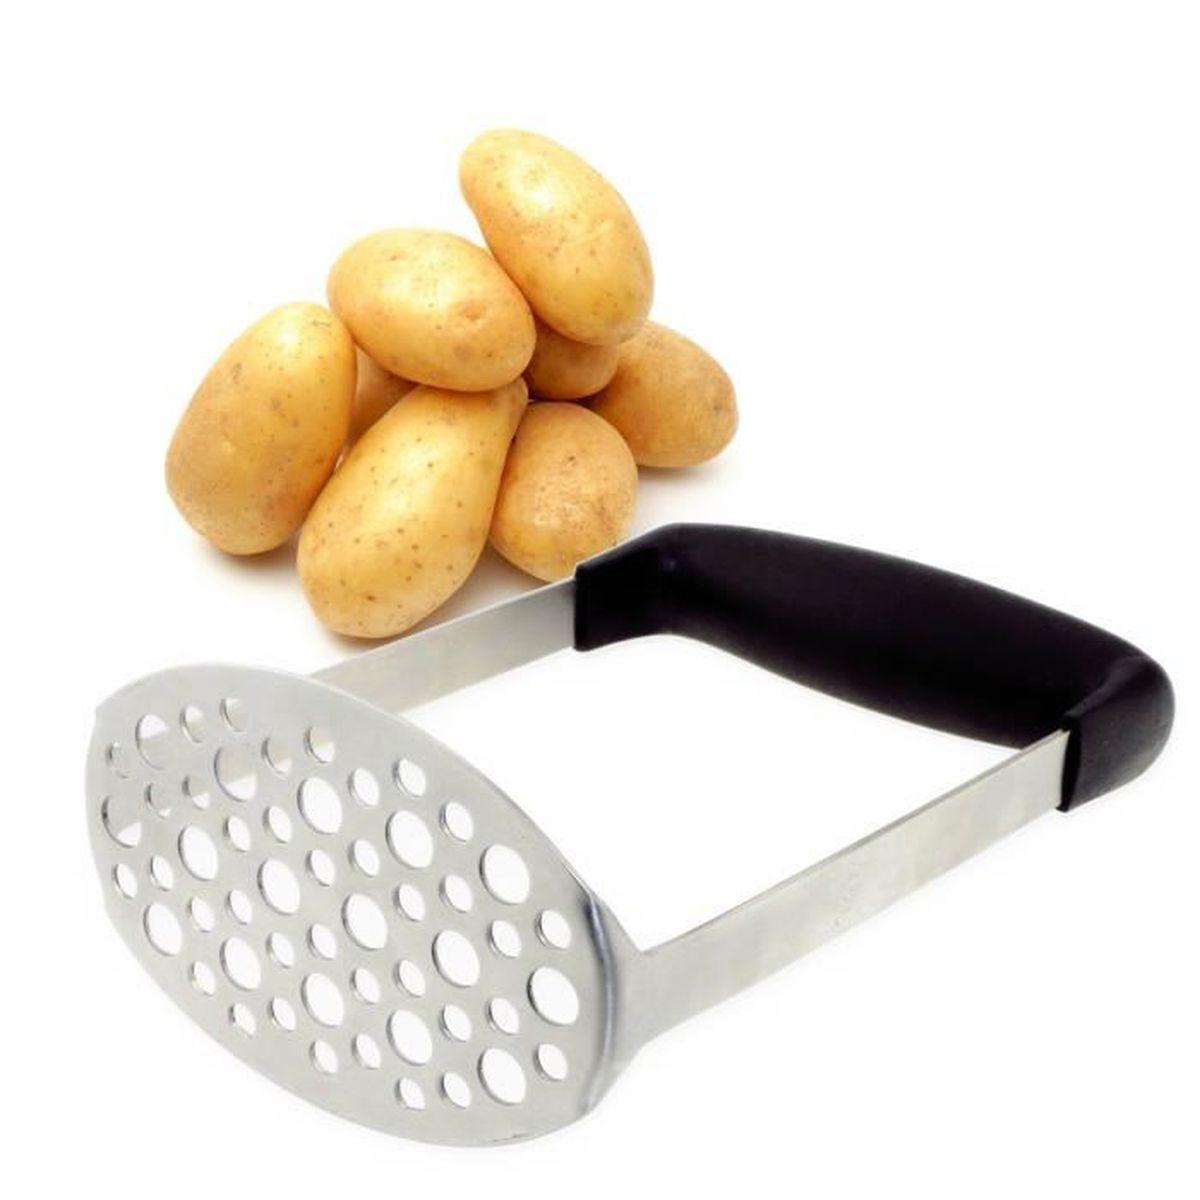 ecrase pommes de terre achat vente ecrase pommes de terre pas cher soldes d s le 10. Black Bedroom Furniture Sets. Home Design Ideas